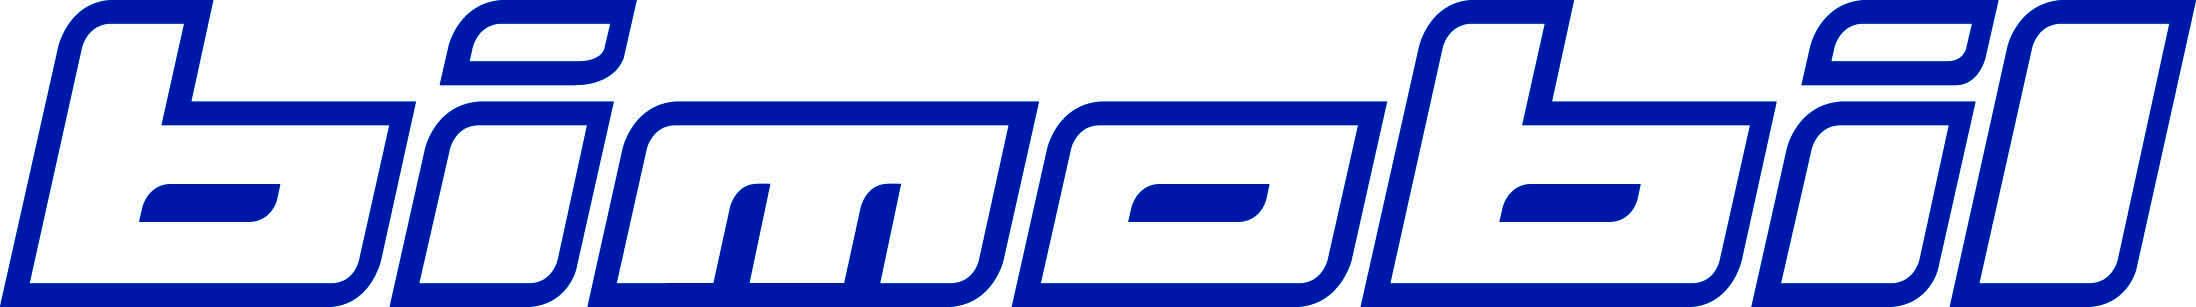 bimobil - von Liebe GmbH